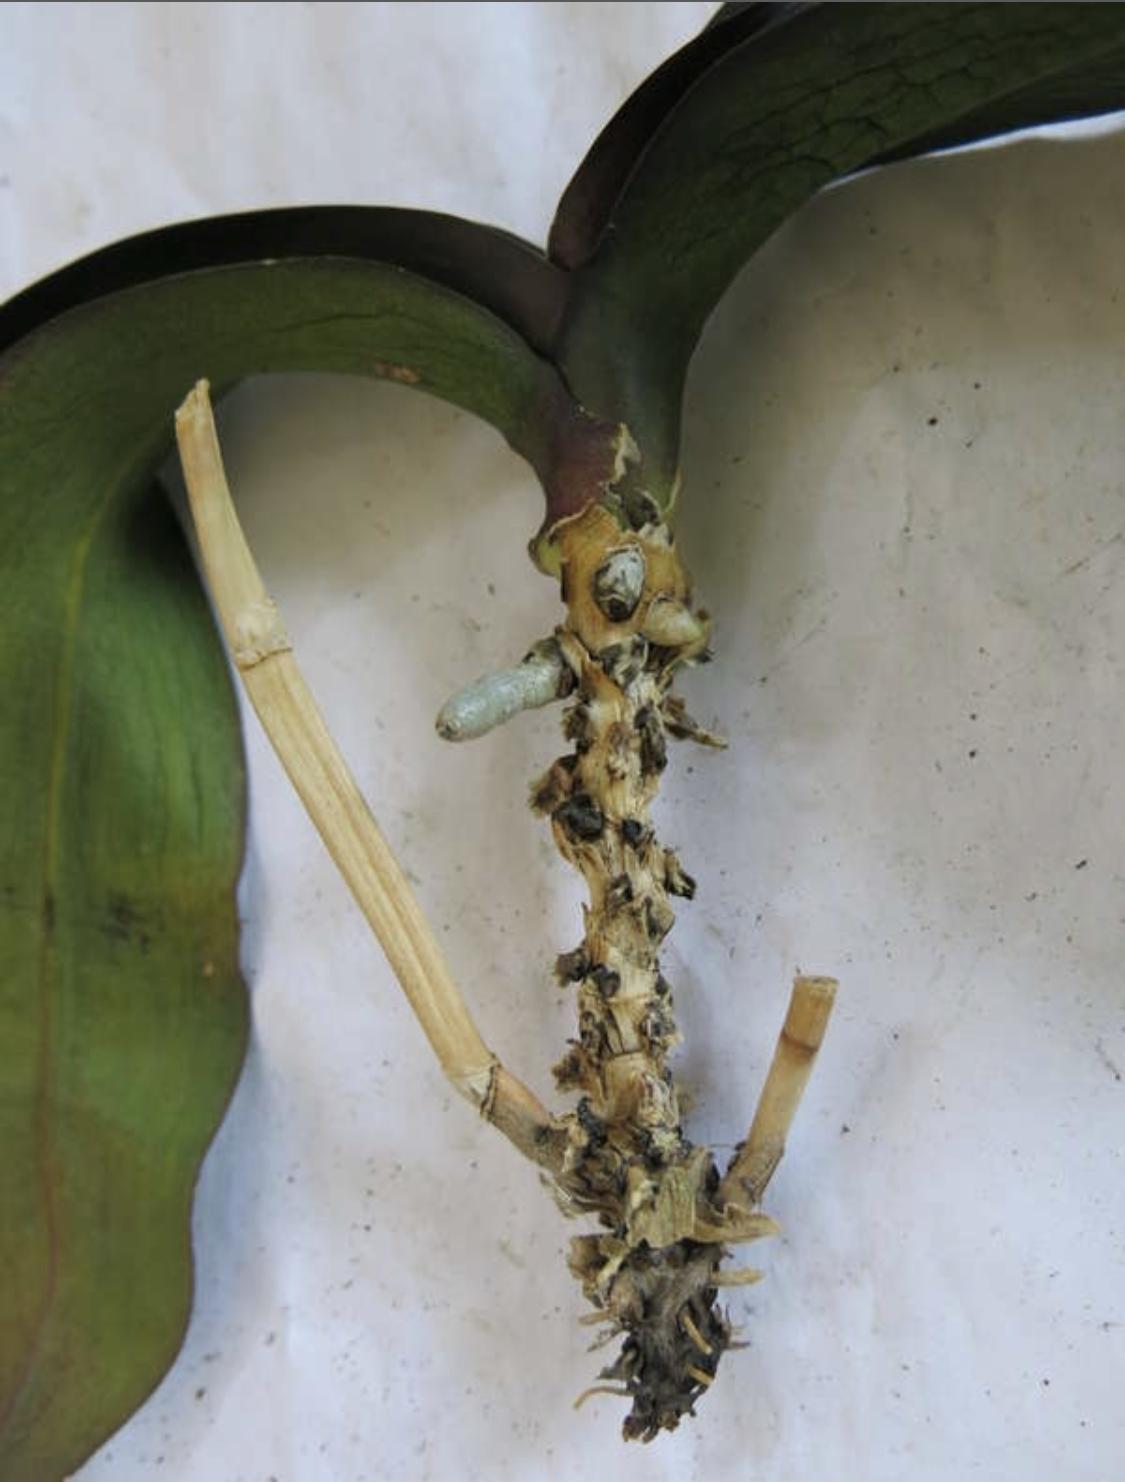 они кроме как спасти орхидею картинка этом острове